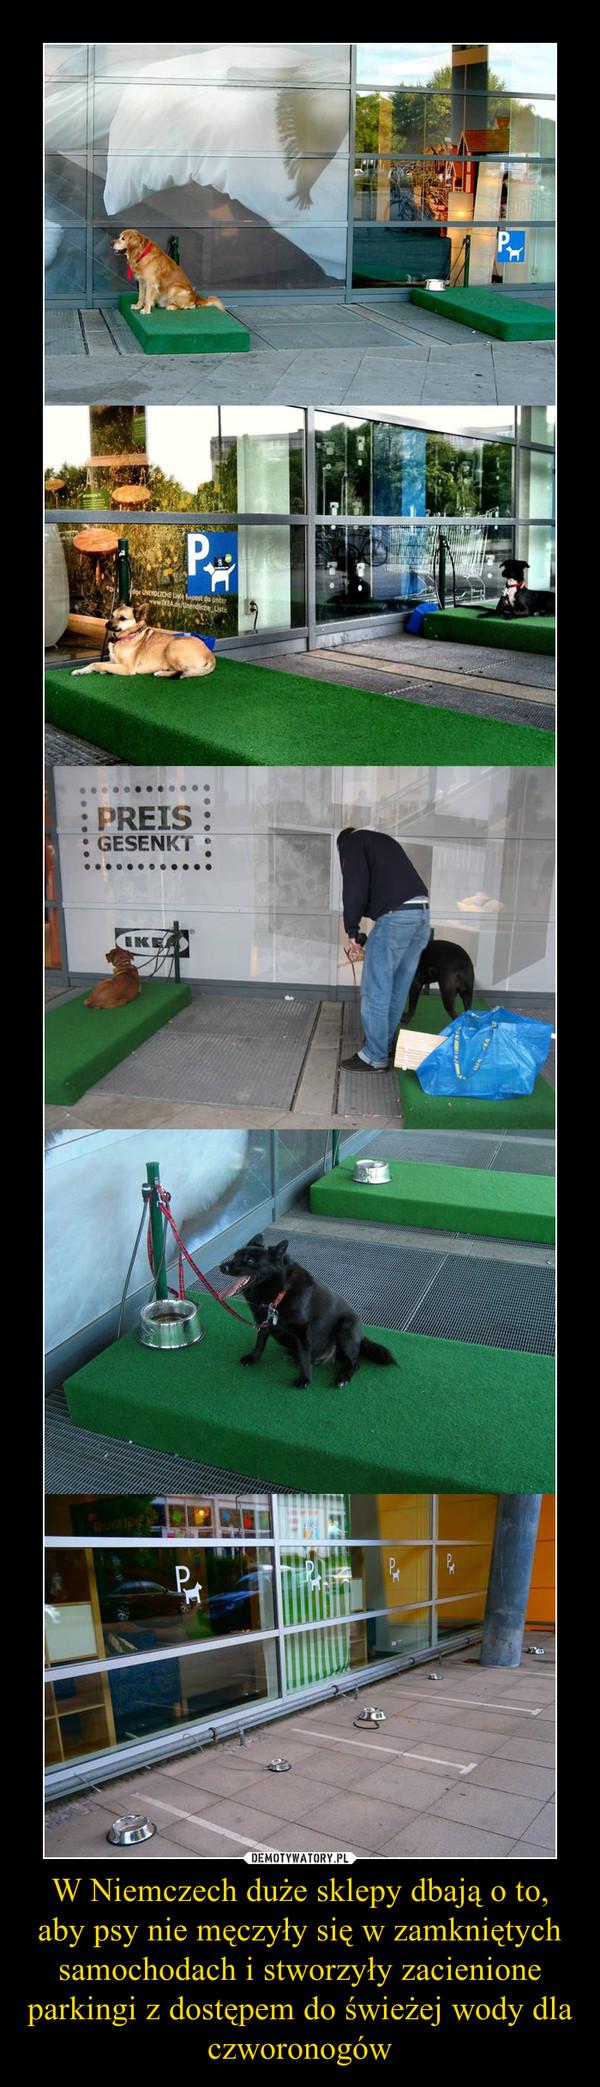 W Niemczech duże sklepy dbają o to, aby psy nie męczyły się w zamkniętych samochodach i stworzyły zacienione parkingi z dostępem do świeżej wody dla czworonogów –